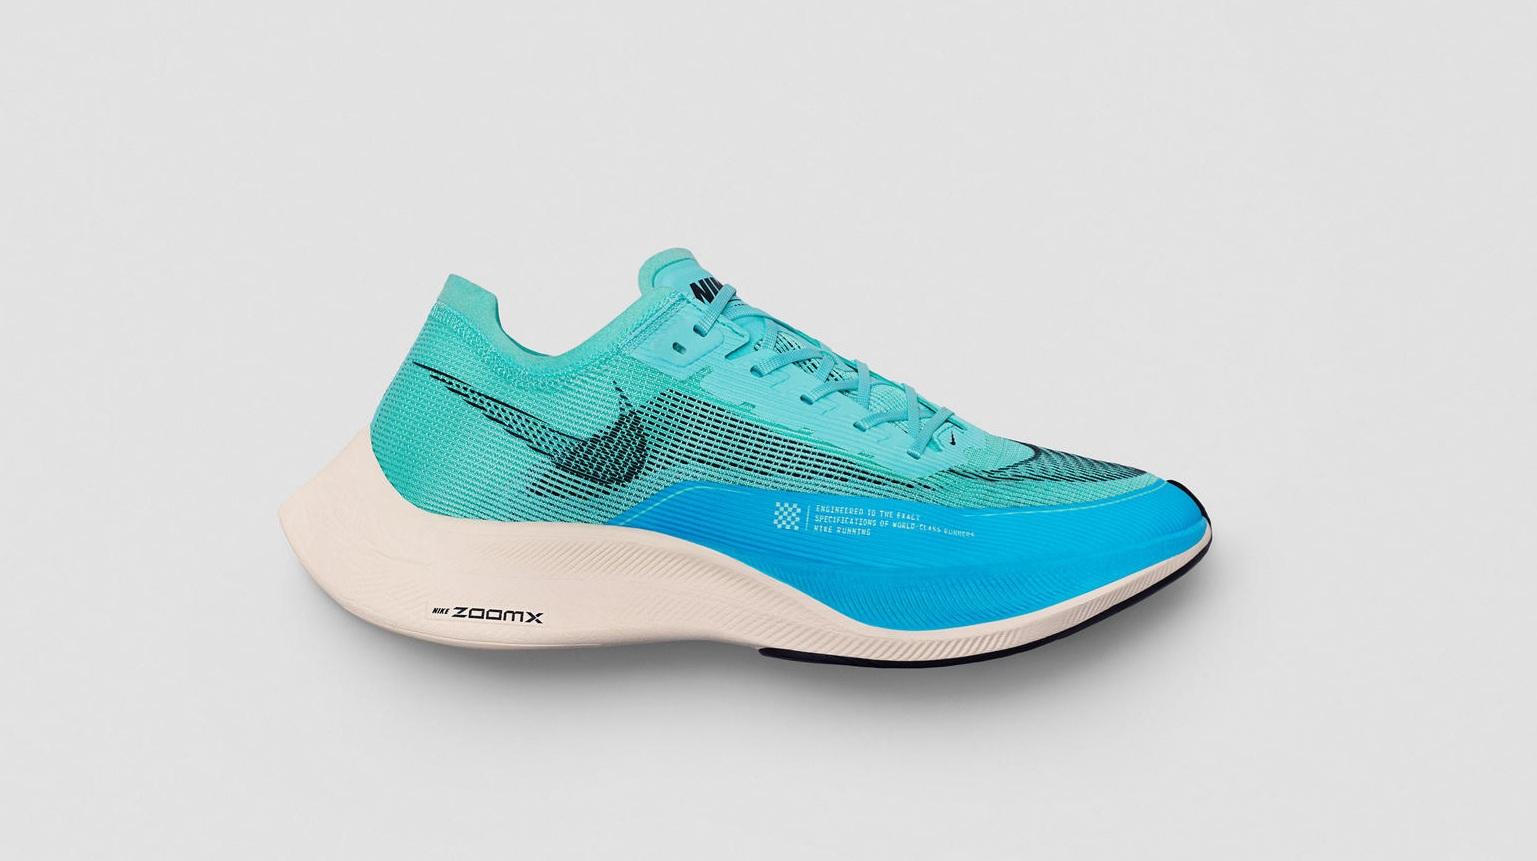 Pour l'élaboration de la Nike ZoomX Vaporfly NEXT% 2, la marque à la virgule s'est logiquement inspirée du modèle précédent, la Nike ZoomX Vaporfly NEXT%.